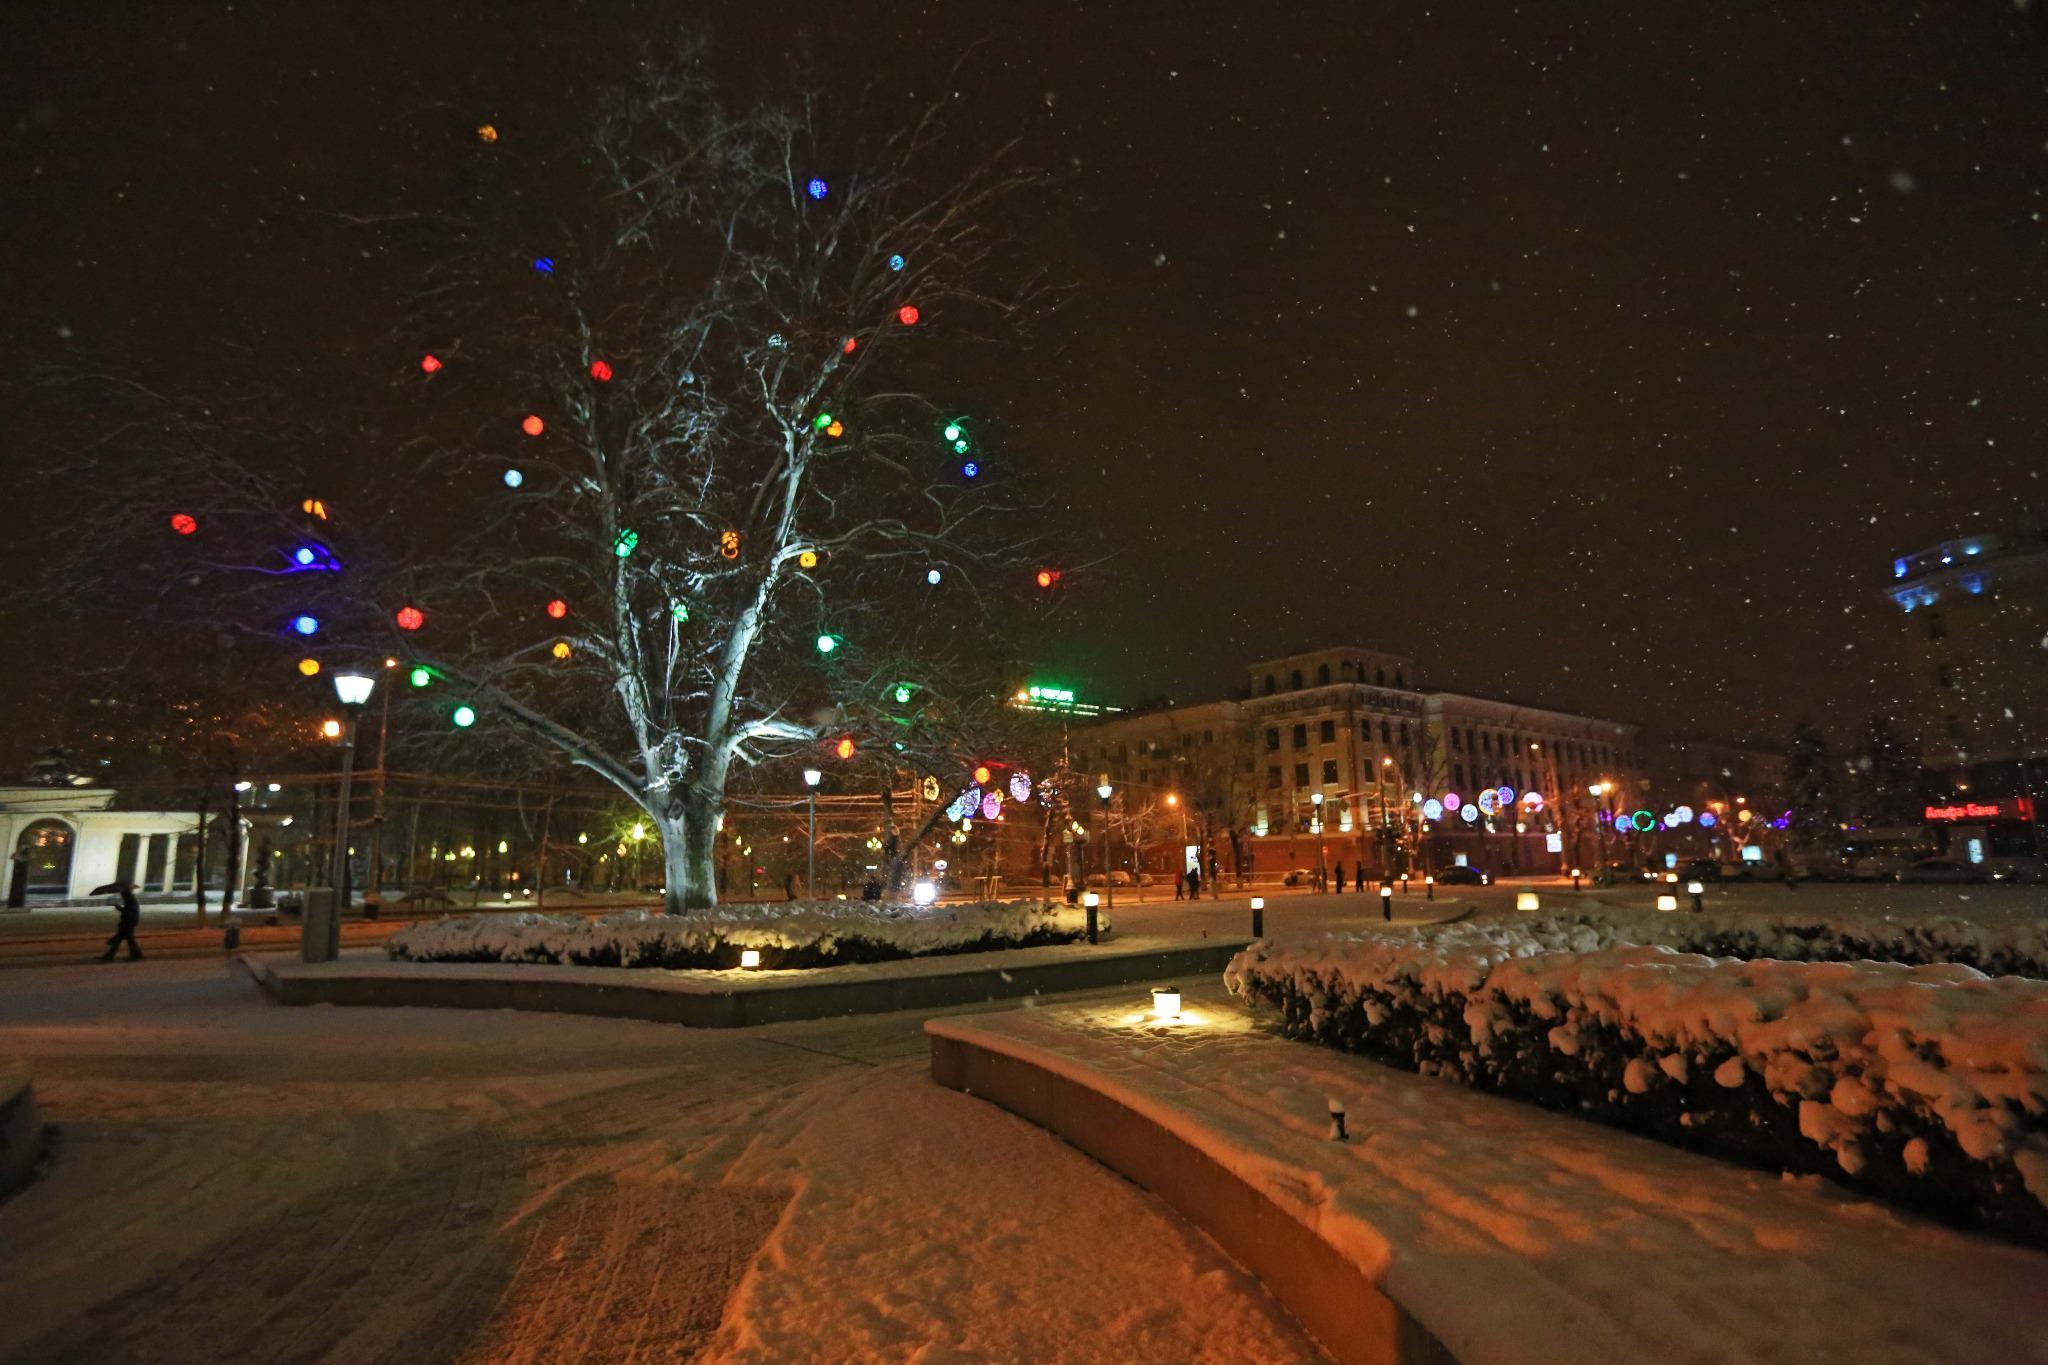 мара зима в краснодаре фото фото интернете, взяли